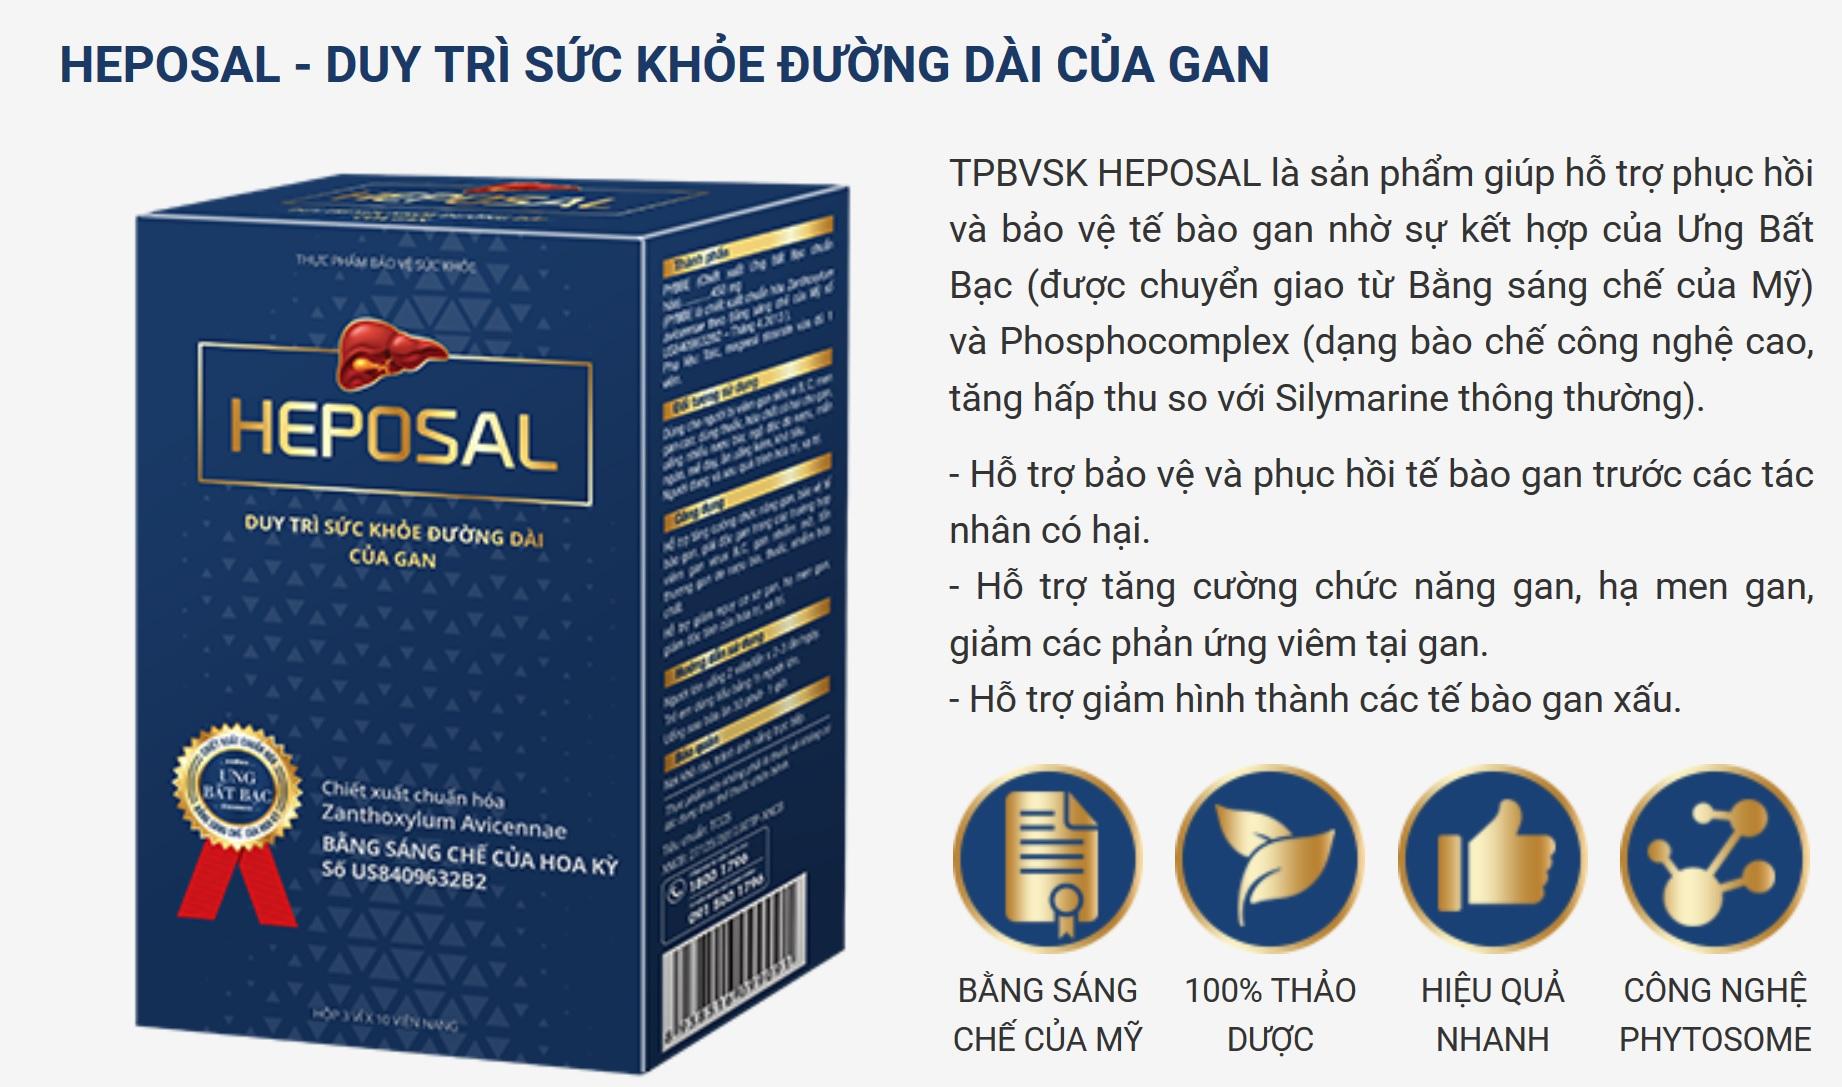 Ước vọng từ tiến sĩ Dược học để người Việt có lá gan khỏe mạnh - Ảnh 3